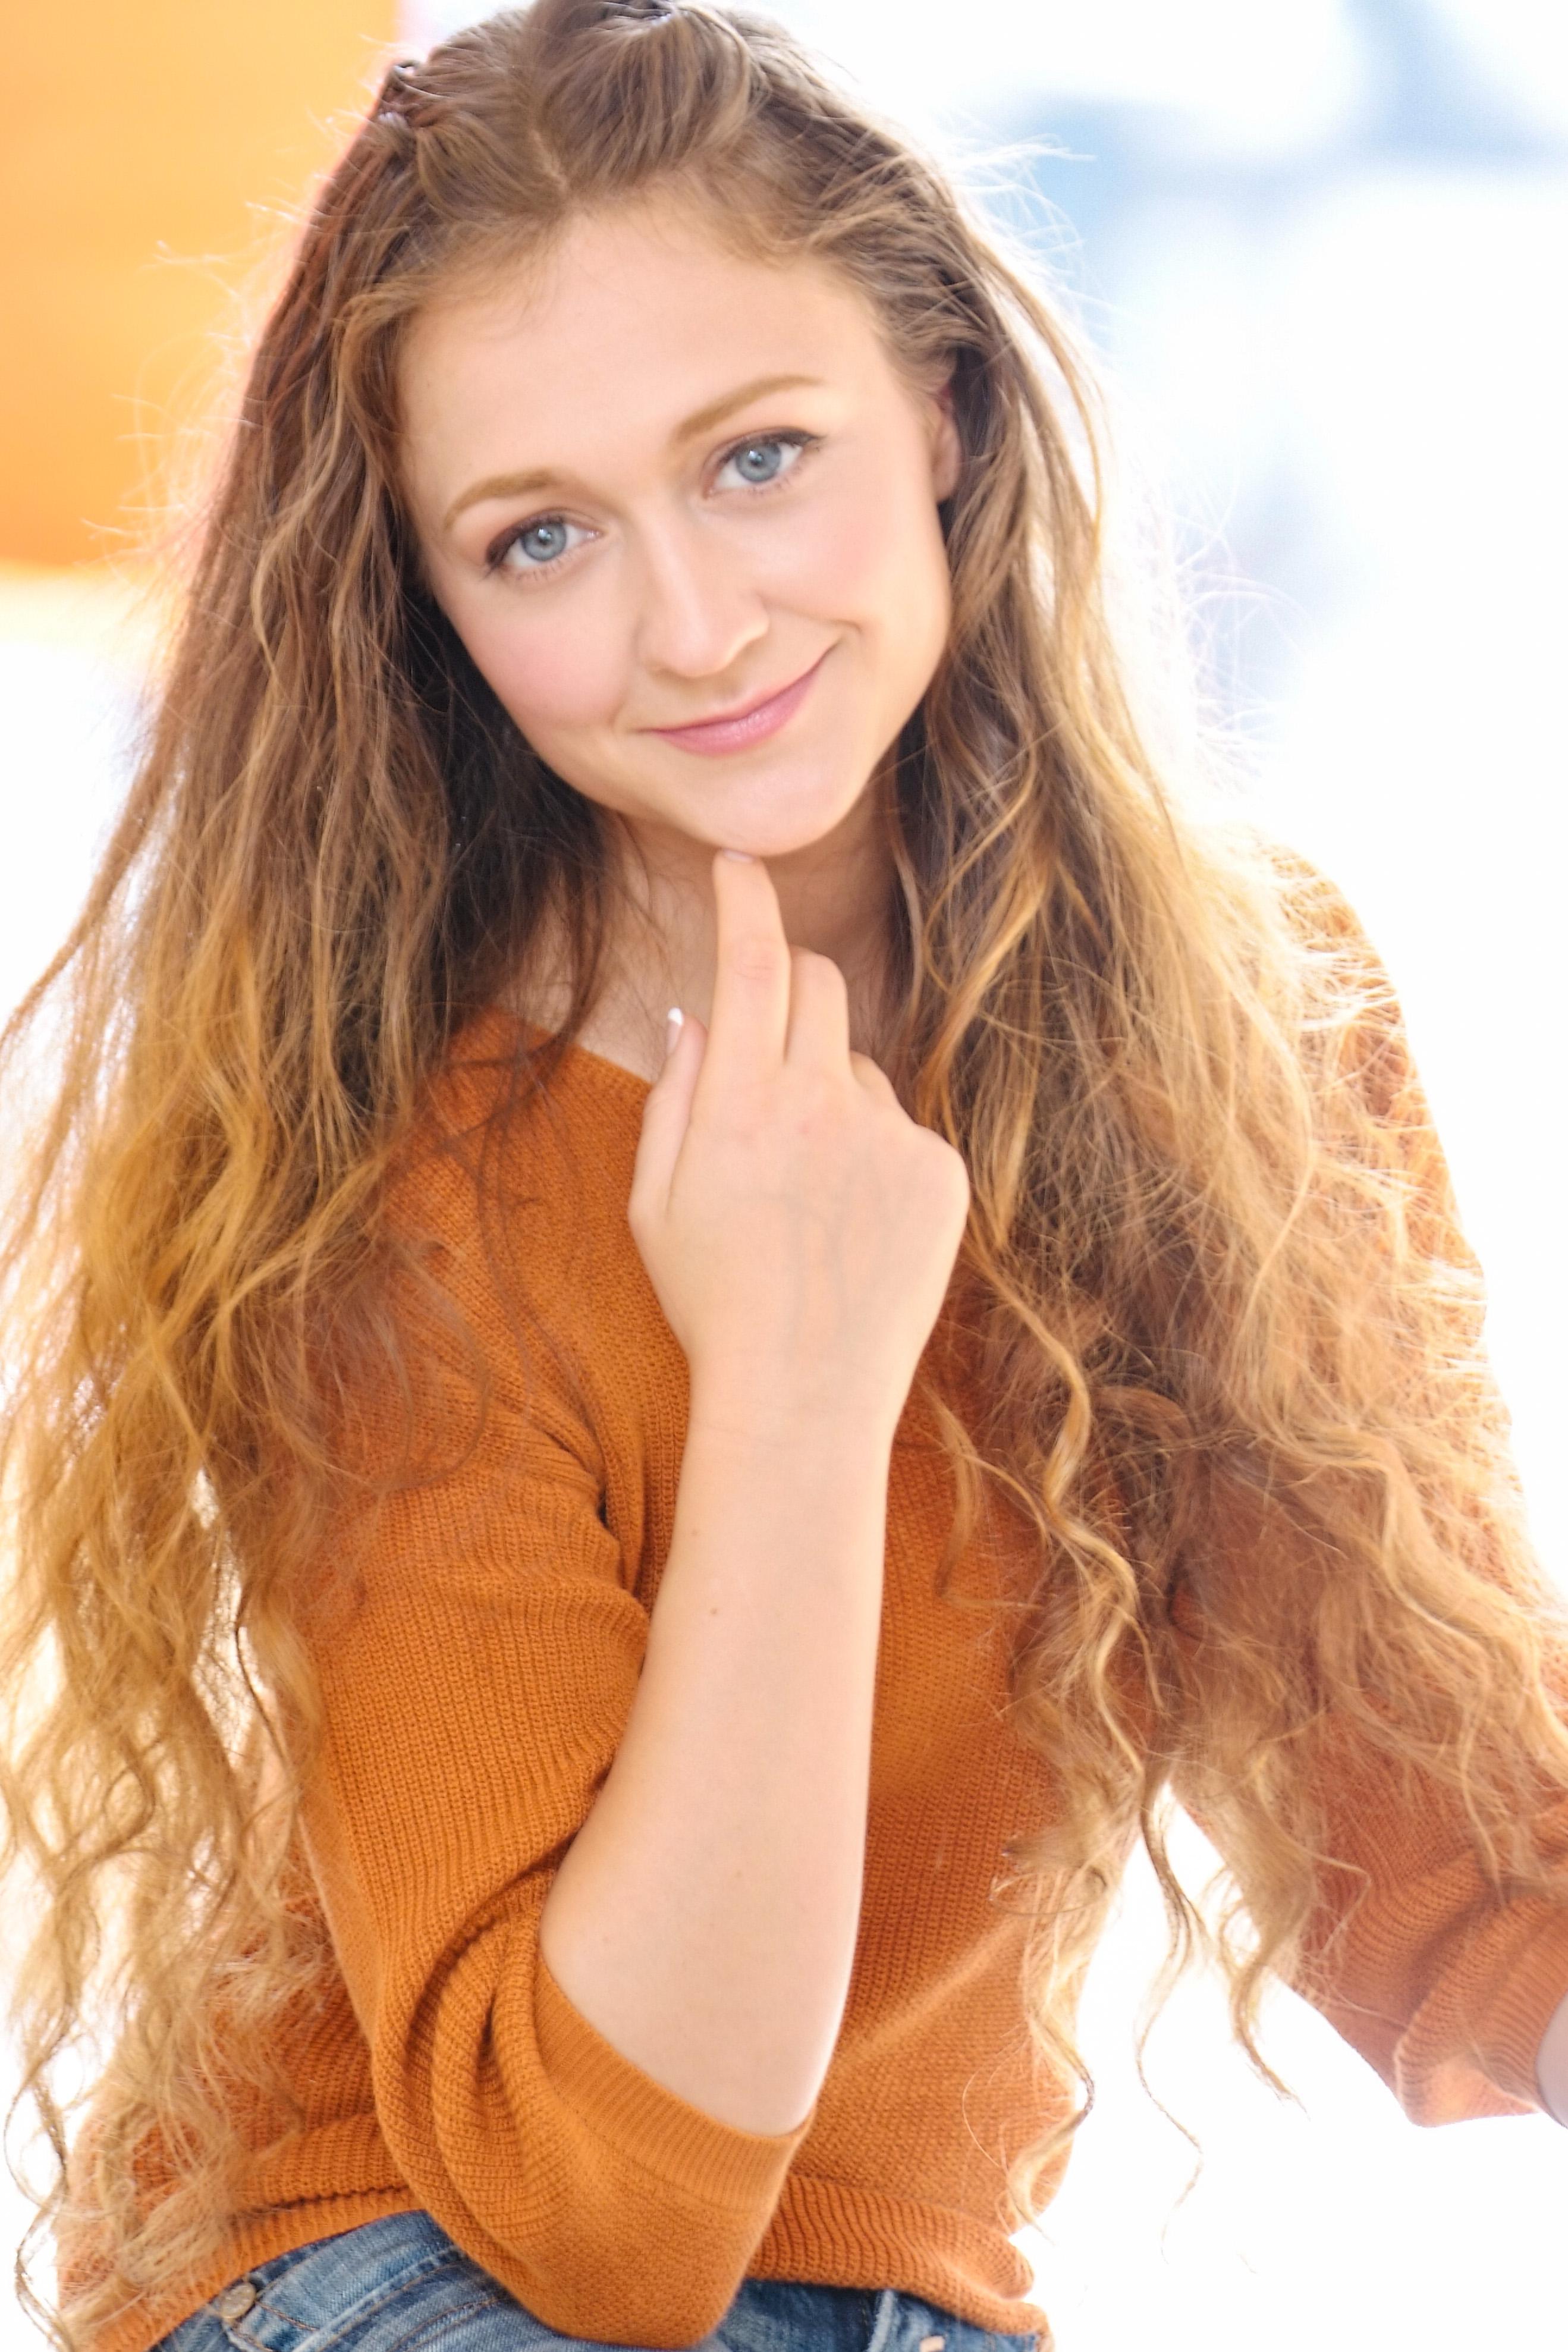 外国人モデル マリア・AOの写真2